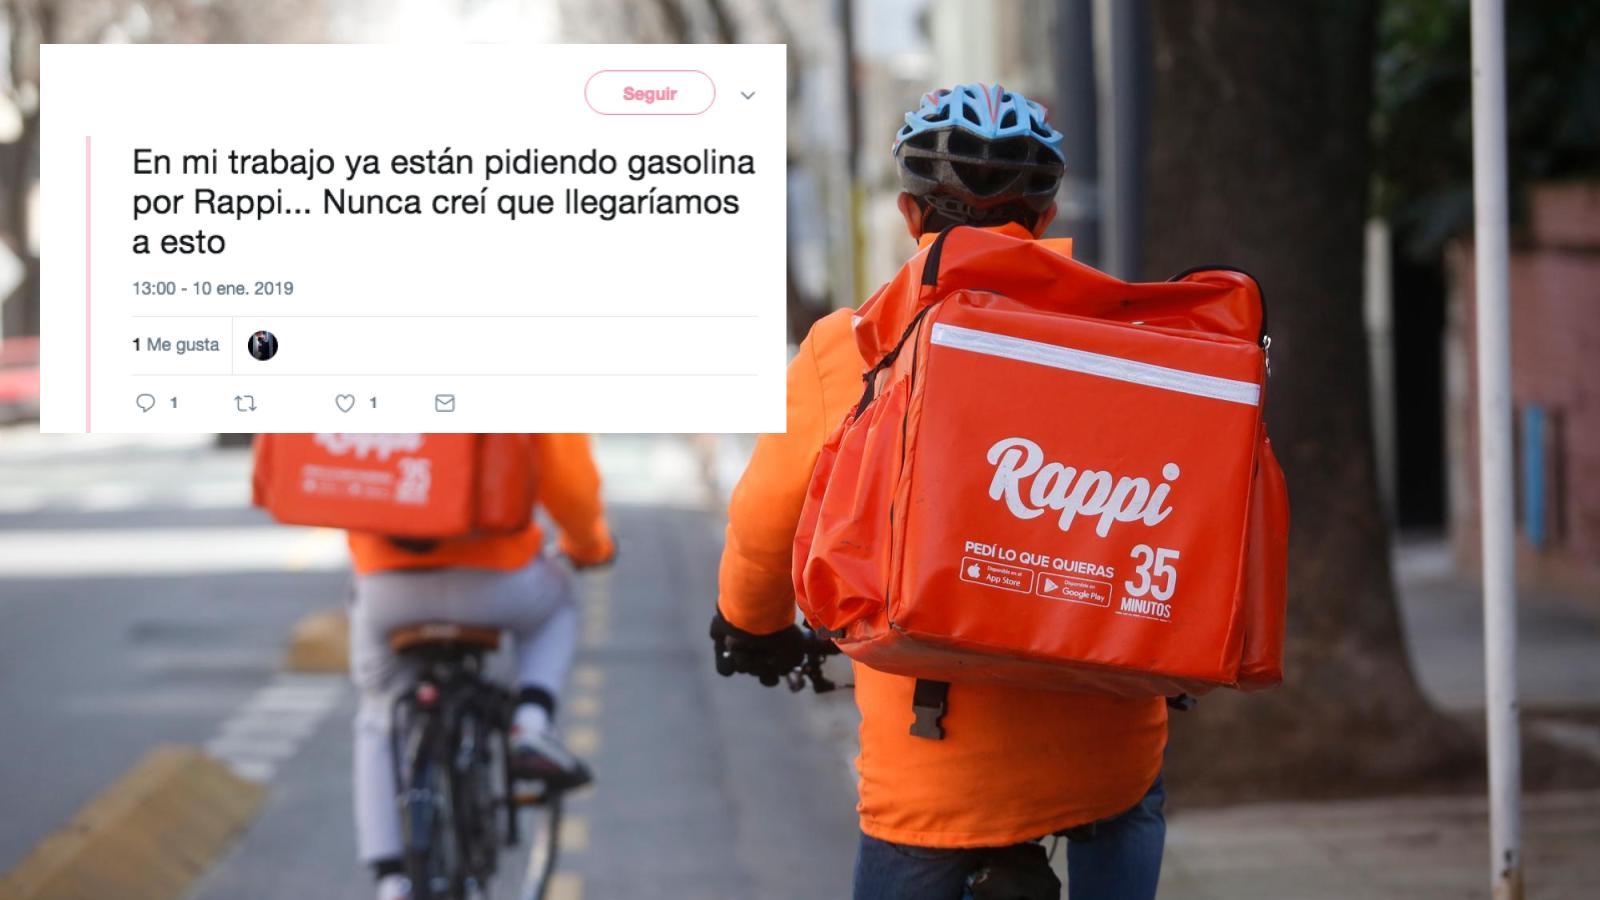 Usuarios de Rappi piden gasolina y arriesgan a repartidores